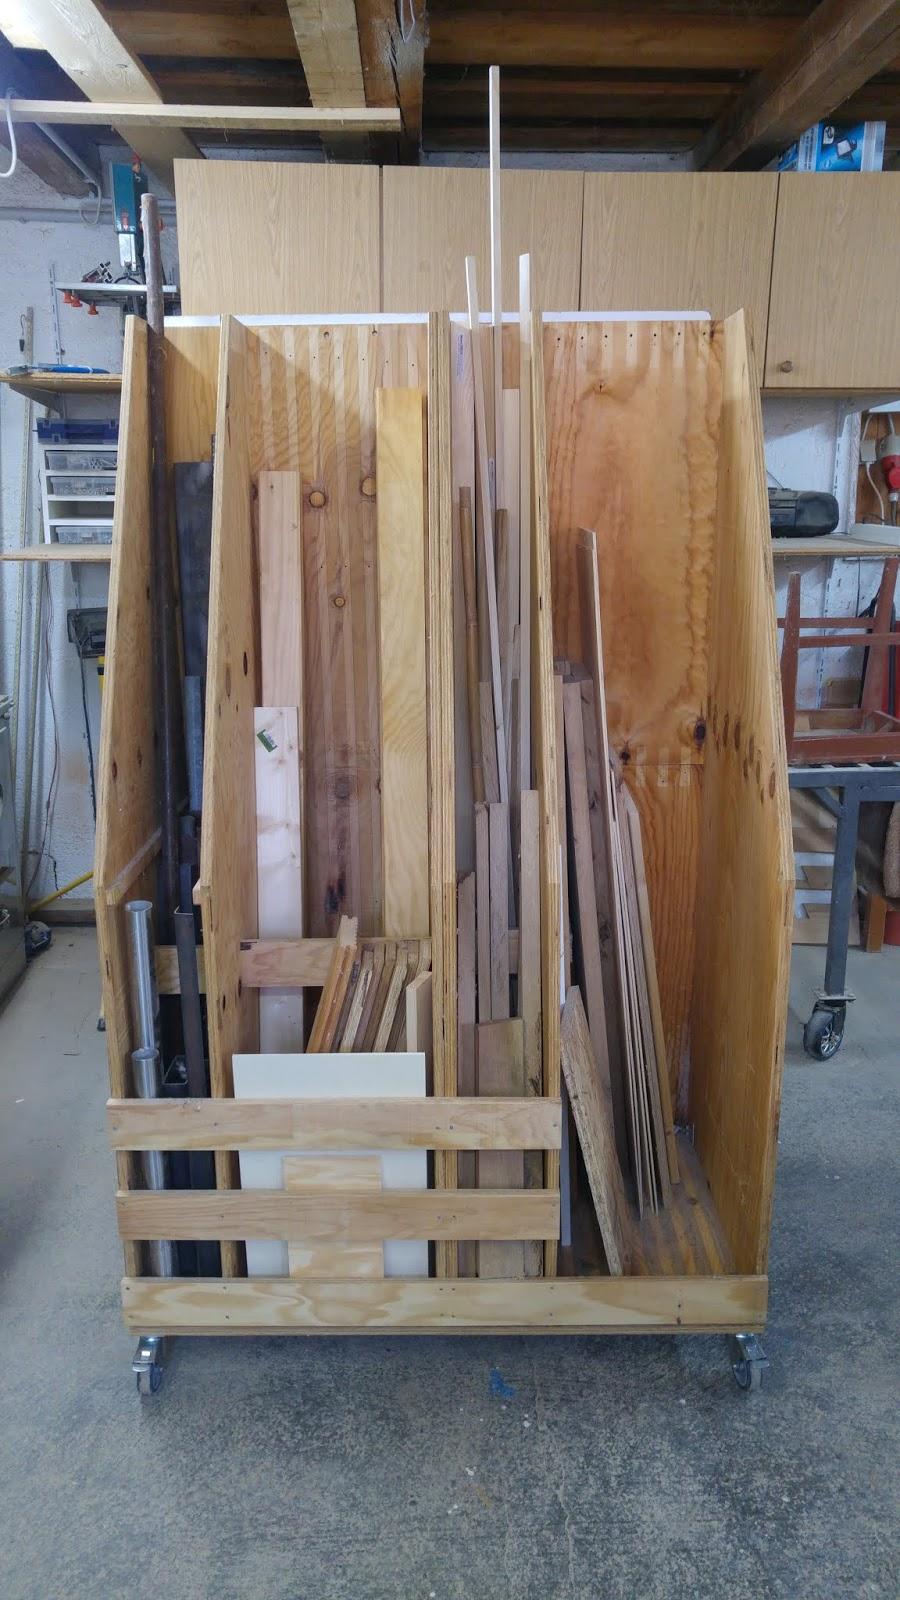 Holz Metall Und Smart Home Rollwagen Für Holzreste Lumber Rack